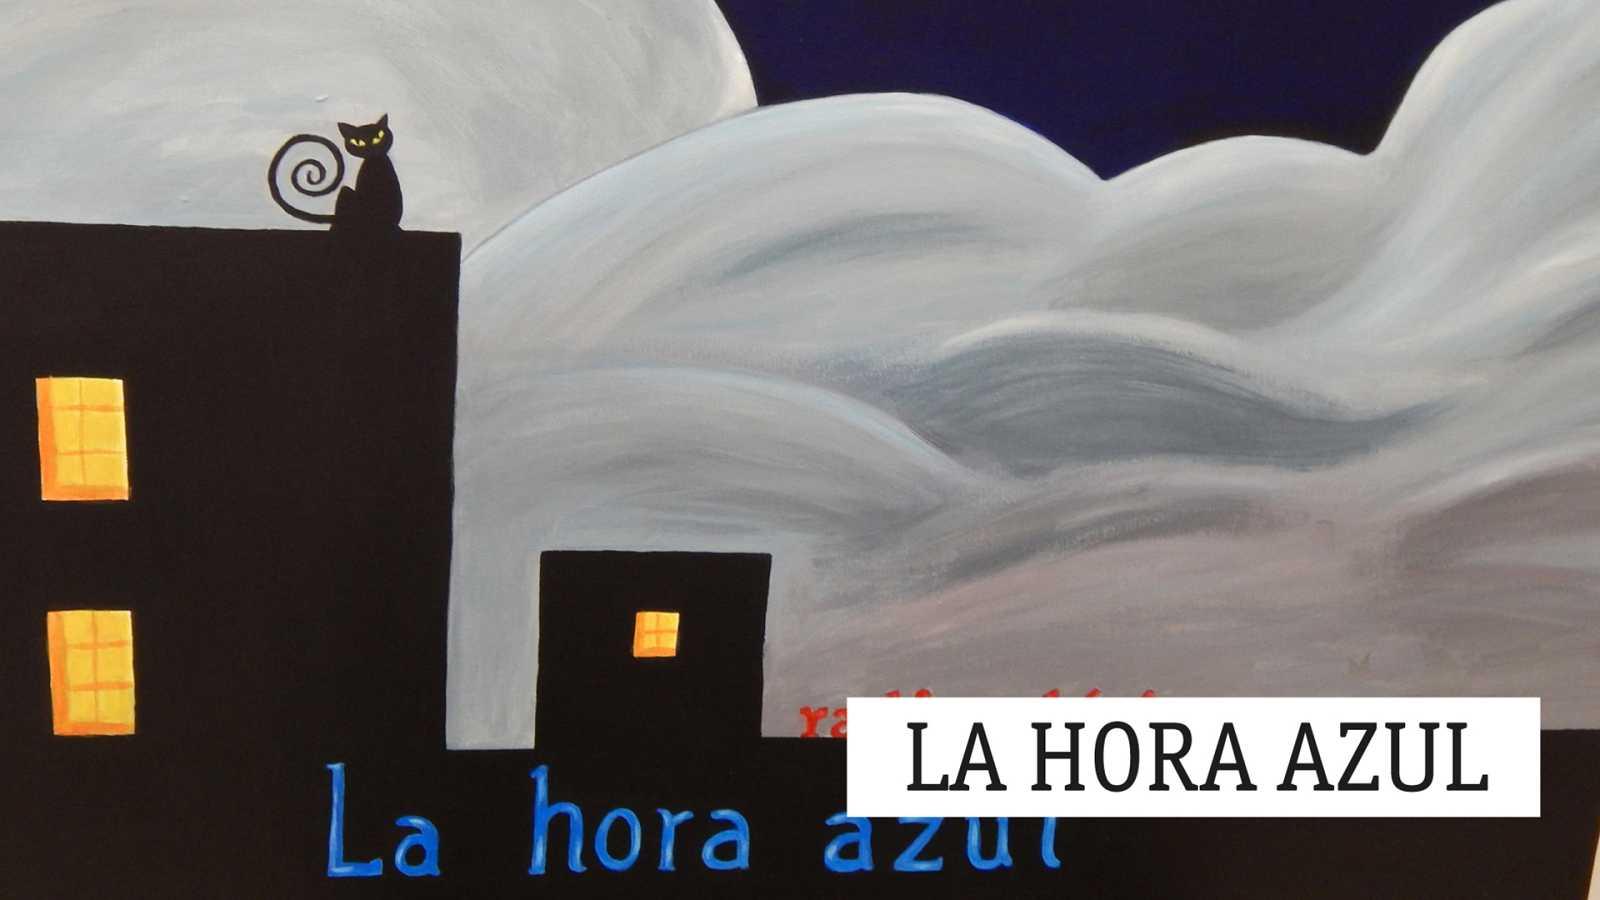 La hora azul - Keith Jarret, una biografía - 06/03/20 - escuchar ahora